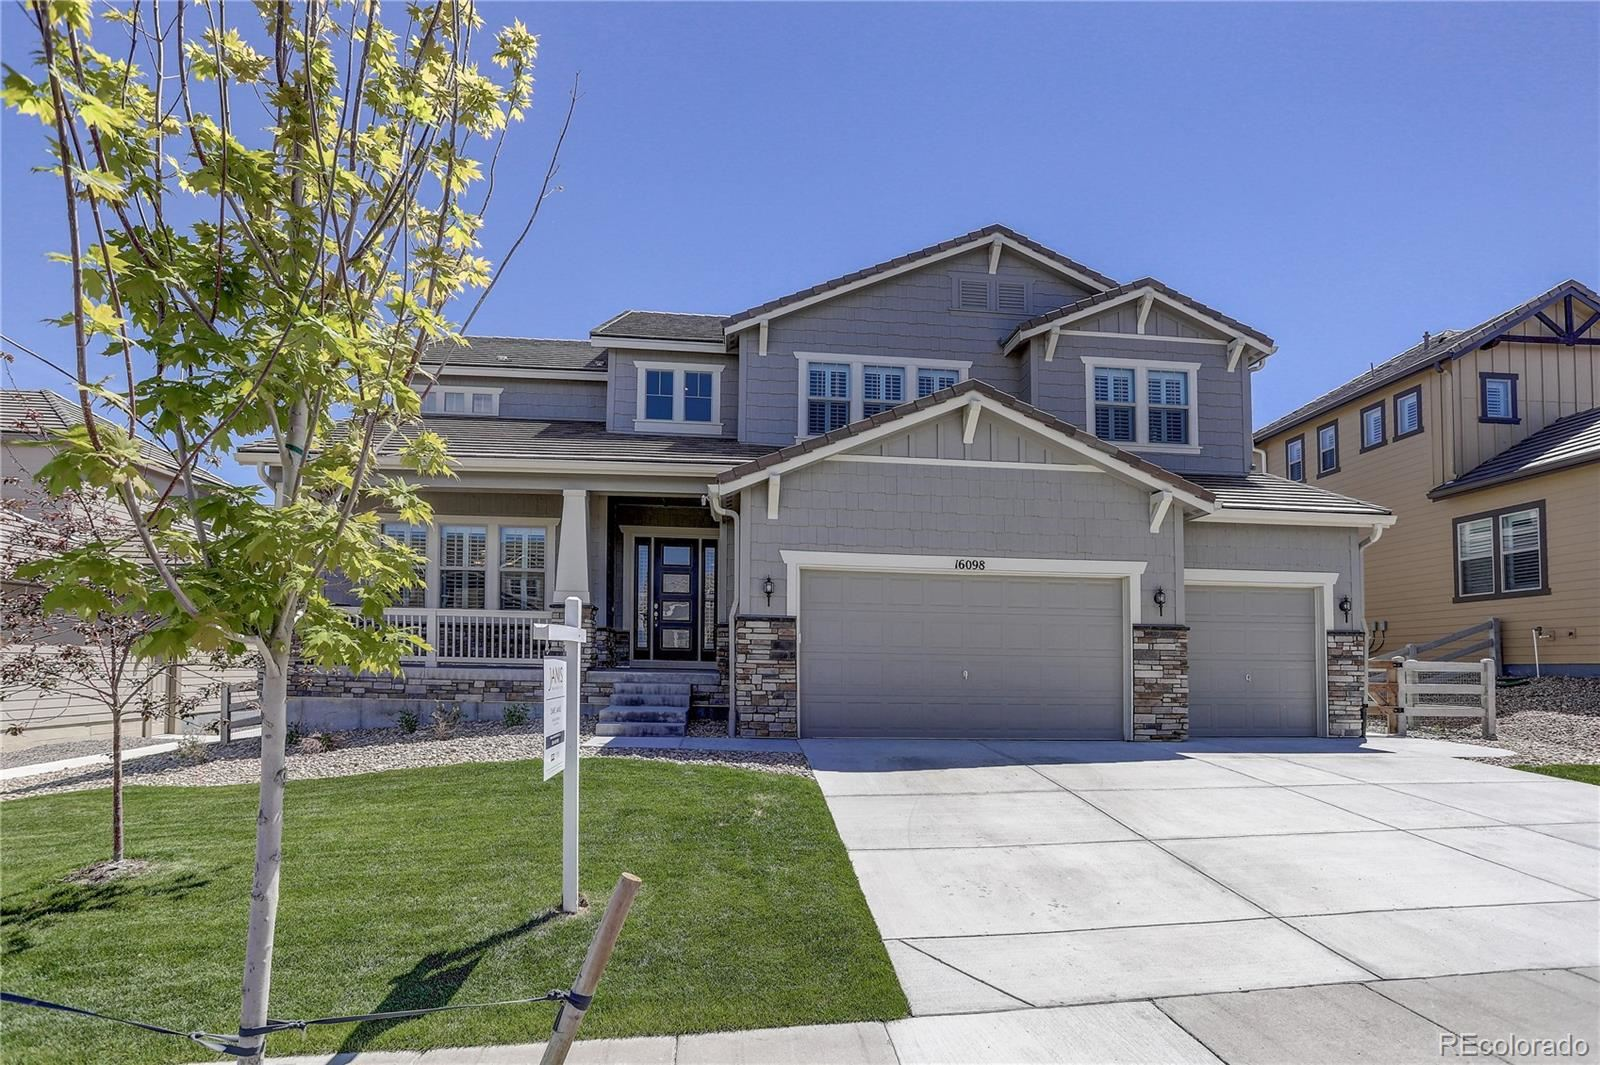 16098 Humboldt Peak Drive, Broomfield, CO 80023 - MLS#: 7508655